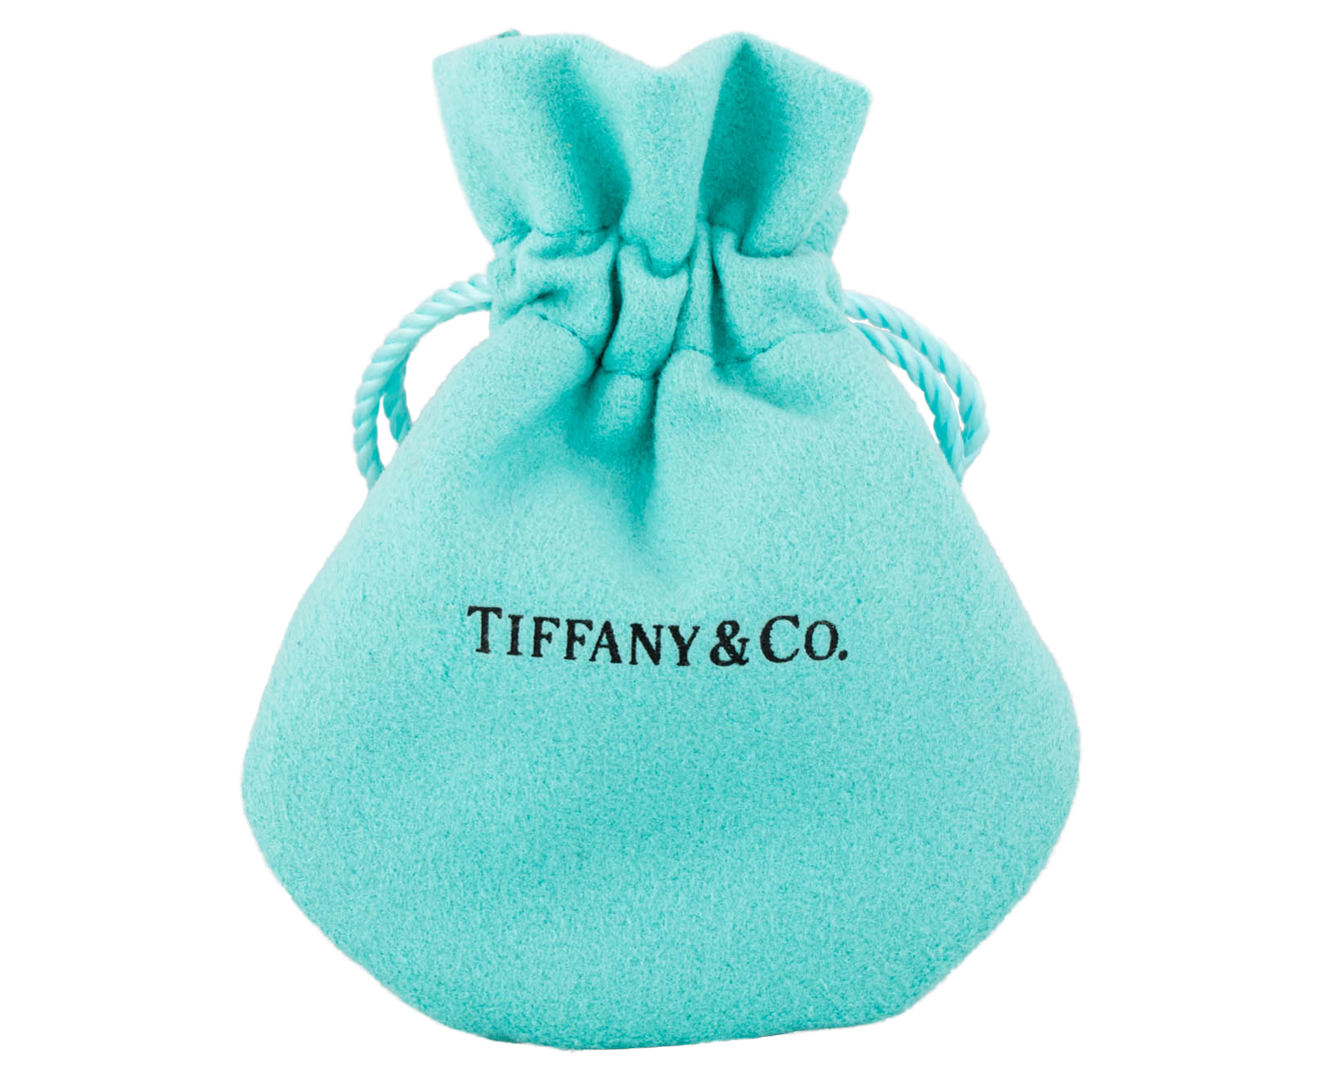 Tiffany Baby Gifts Australia : Tiffany co paloma s venezia luce pendant w chain